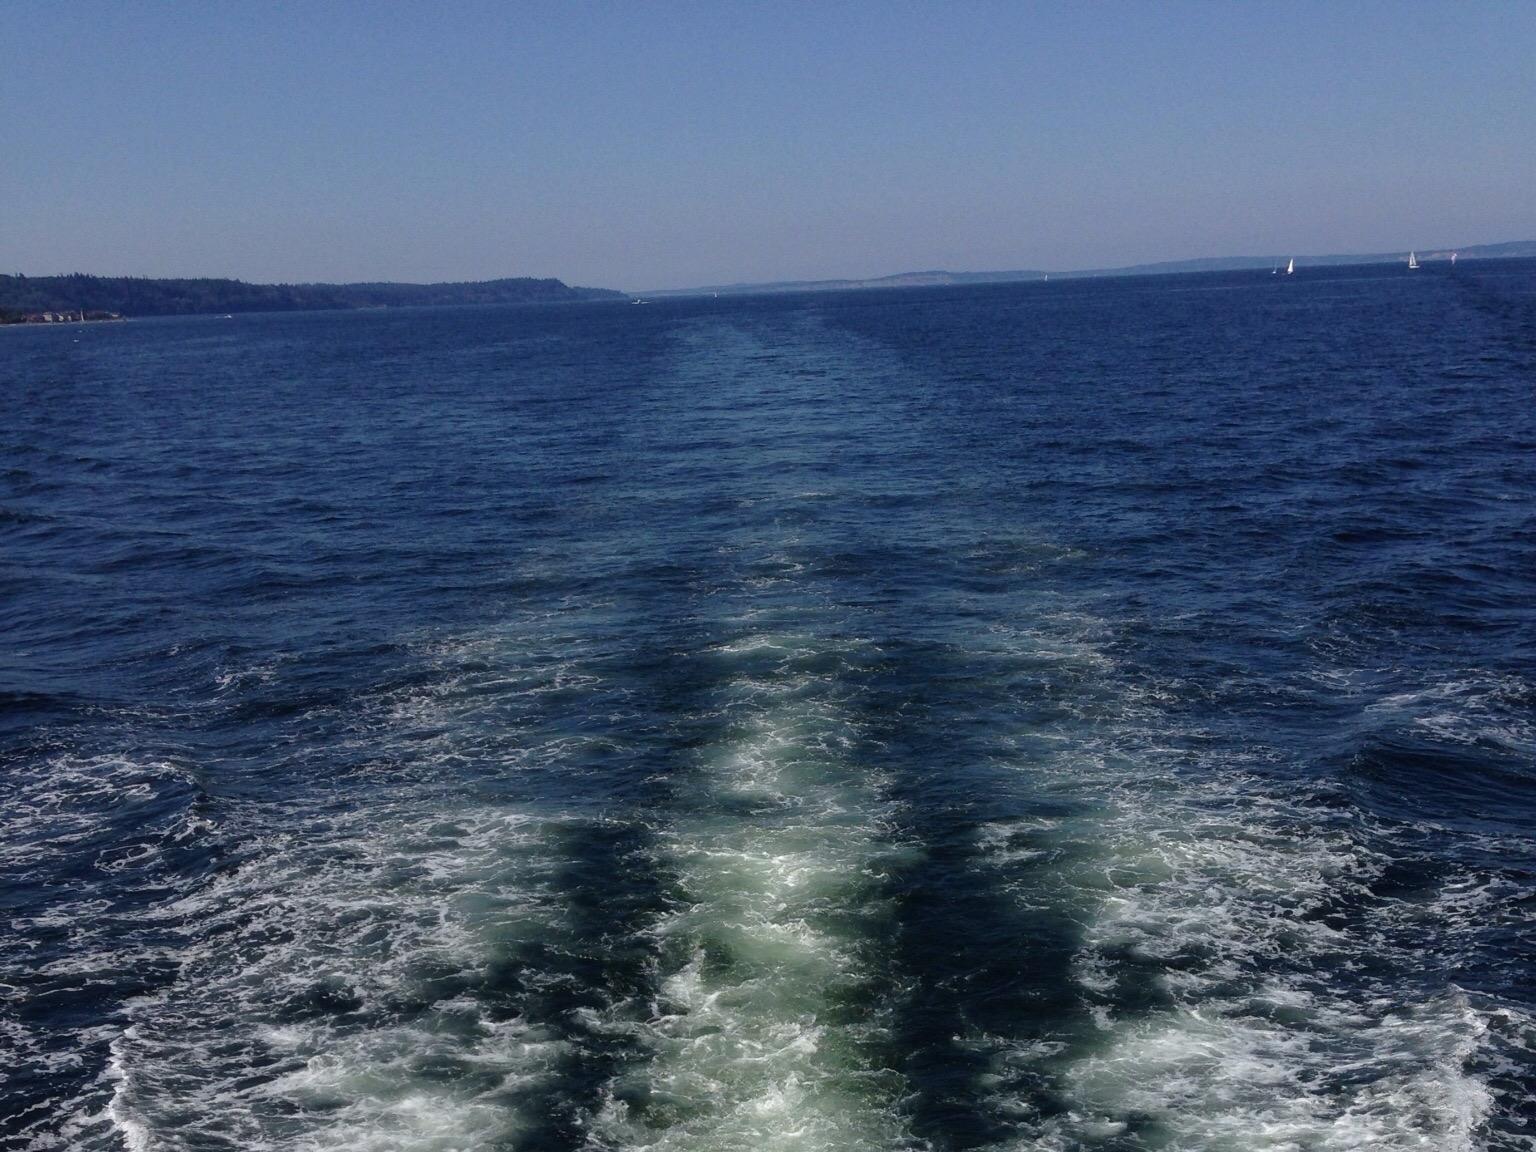 Underway on Puget Sound